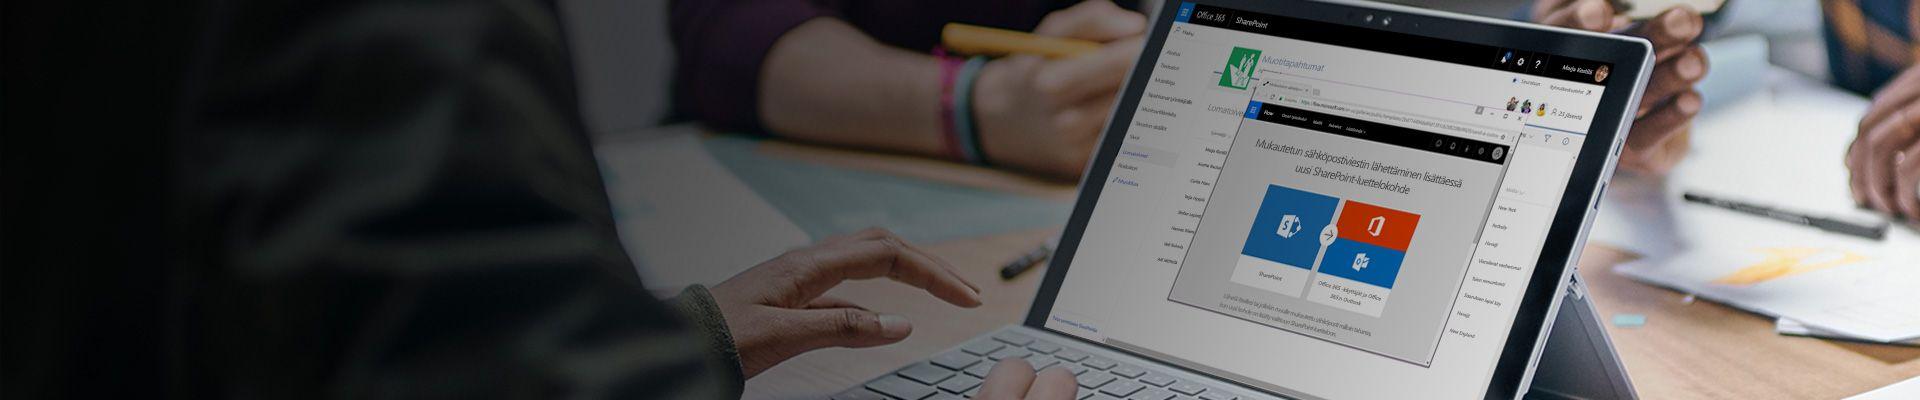 Flow ja SharePoint kannettavassa tietokoneessa